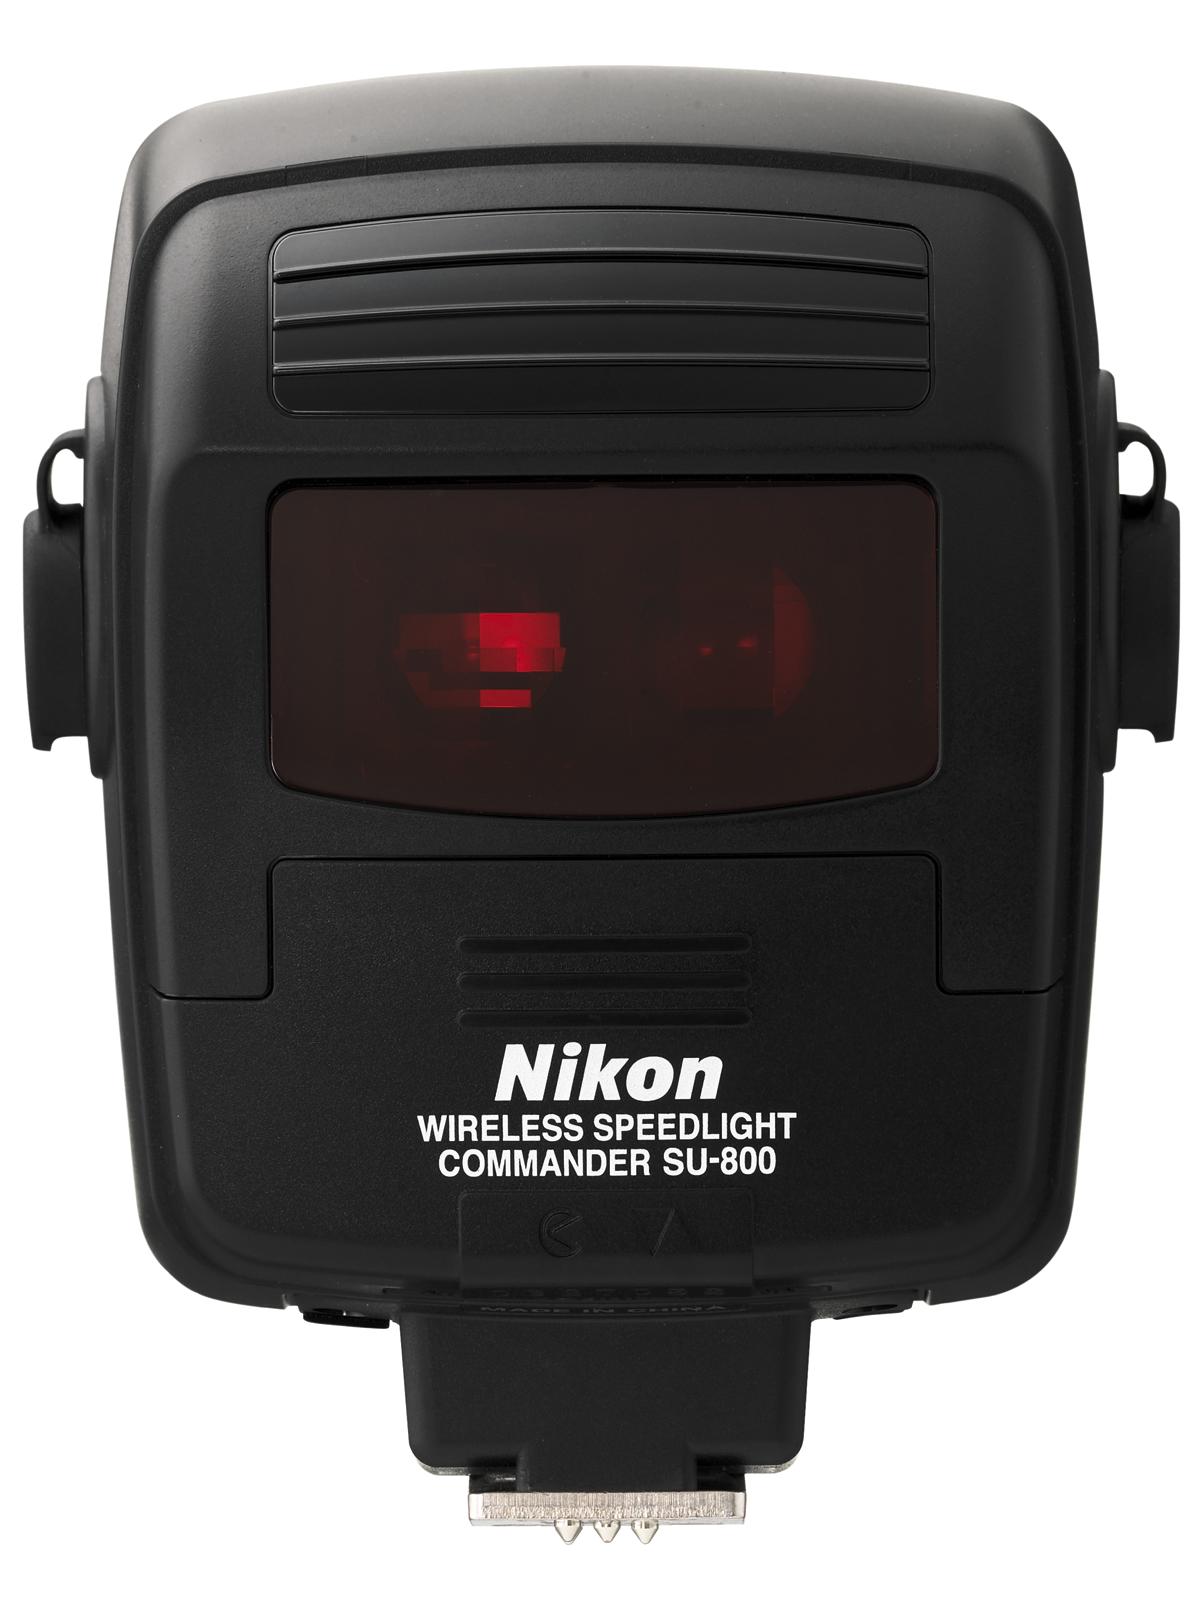 Nikon Управляющий блок SU-800Вспышки для зеркальных фотокамер Nikon<br>Управляйте всей системой креативного освещения Nikon и несколькими вспышками с большого и удобного жидкокристаллического дисплея. Избавляет от необходимости прокладывать кабели и пользоваться несколькими экспонометрами для точного автоматического выбора экспозиции при любых условиях освещения. Система SU-800 позволяет управлять любым количеством вспышек системы креативного освещения i-TTL, например SB-900, SB-800 или SB-600, либо специализированной удаленной вспышкой SB-R200 для макросъемки, позволяя снимать фотографии качественно нового уровня как в помещении, так и на улице.<br><br>Влагозащищенность: Нет<br>ВЧ (ISO 100/200): -<br>Углы поворота головки: -<br>Поддержка креативной системы освещения: Master - группы А, B, С<br>Режимы работы: -<br>Защита от перегрева: -<br>Длительность импульса (при полной мощности, сек): -<br>Крепление штатива: Да - через подставку (в комплекте не идёт)<br>Внешний ЖК-монитор: Да<br>Углы освещения (фокусное расстояние, мм): -<br>Крепление переходника штатива: Да - через подставку (в комплекте не идёт)<br>Питание: CR123A (3В)<br>Артикул: FSW53801